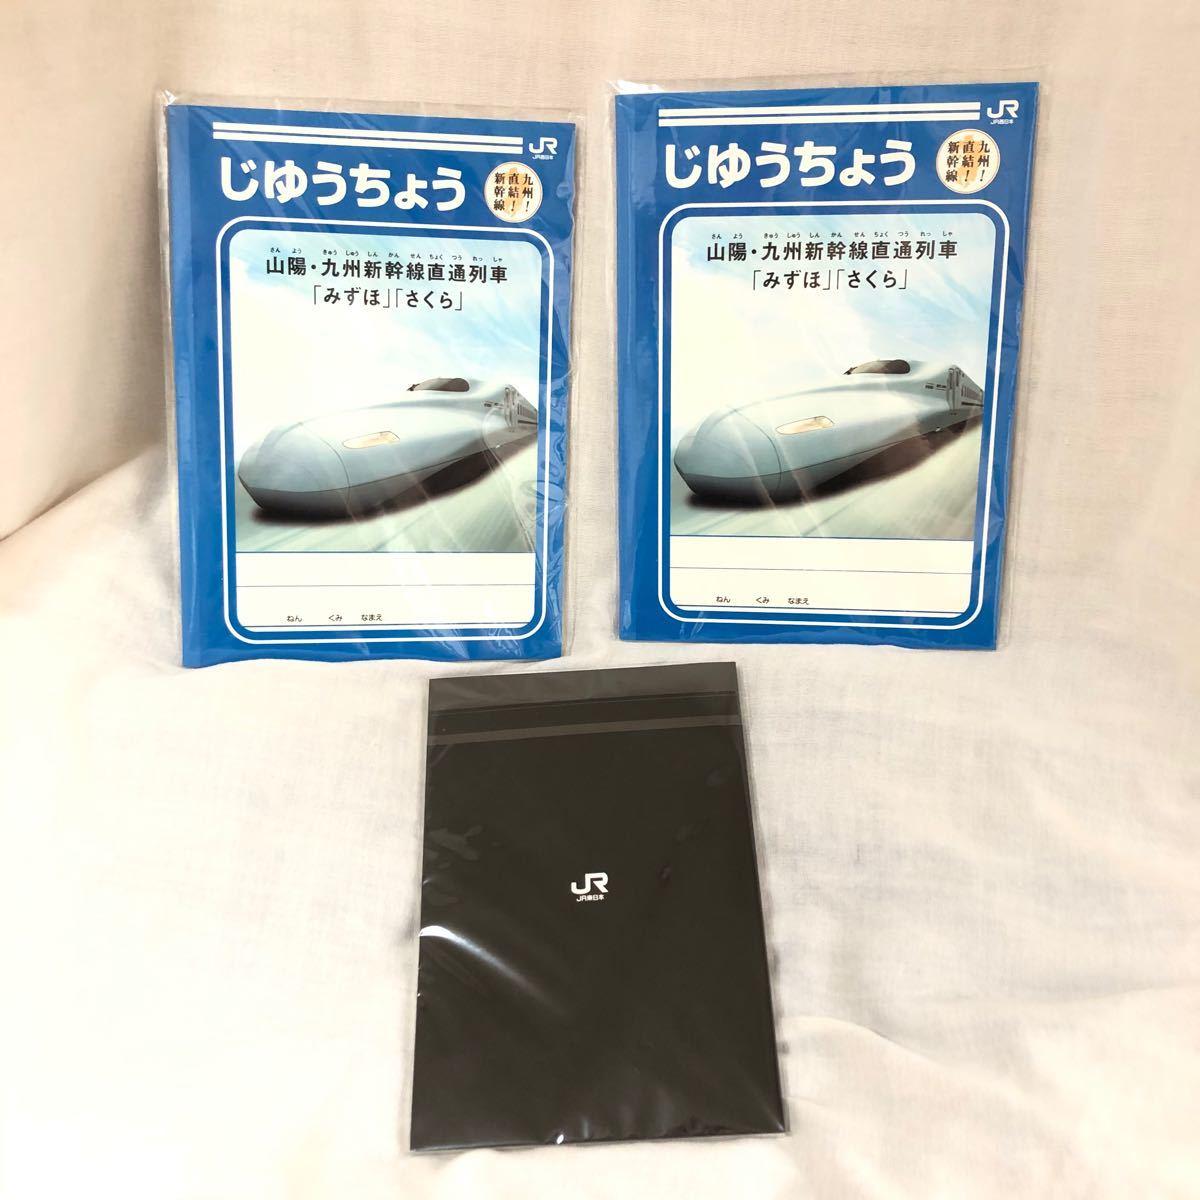 JRノベルティ 非売品 文房具セット JR九州JR西日本JR東日本ノベルティ自由帳文房具新幹線N700系E5系ドクターイエロー